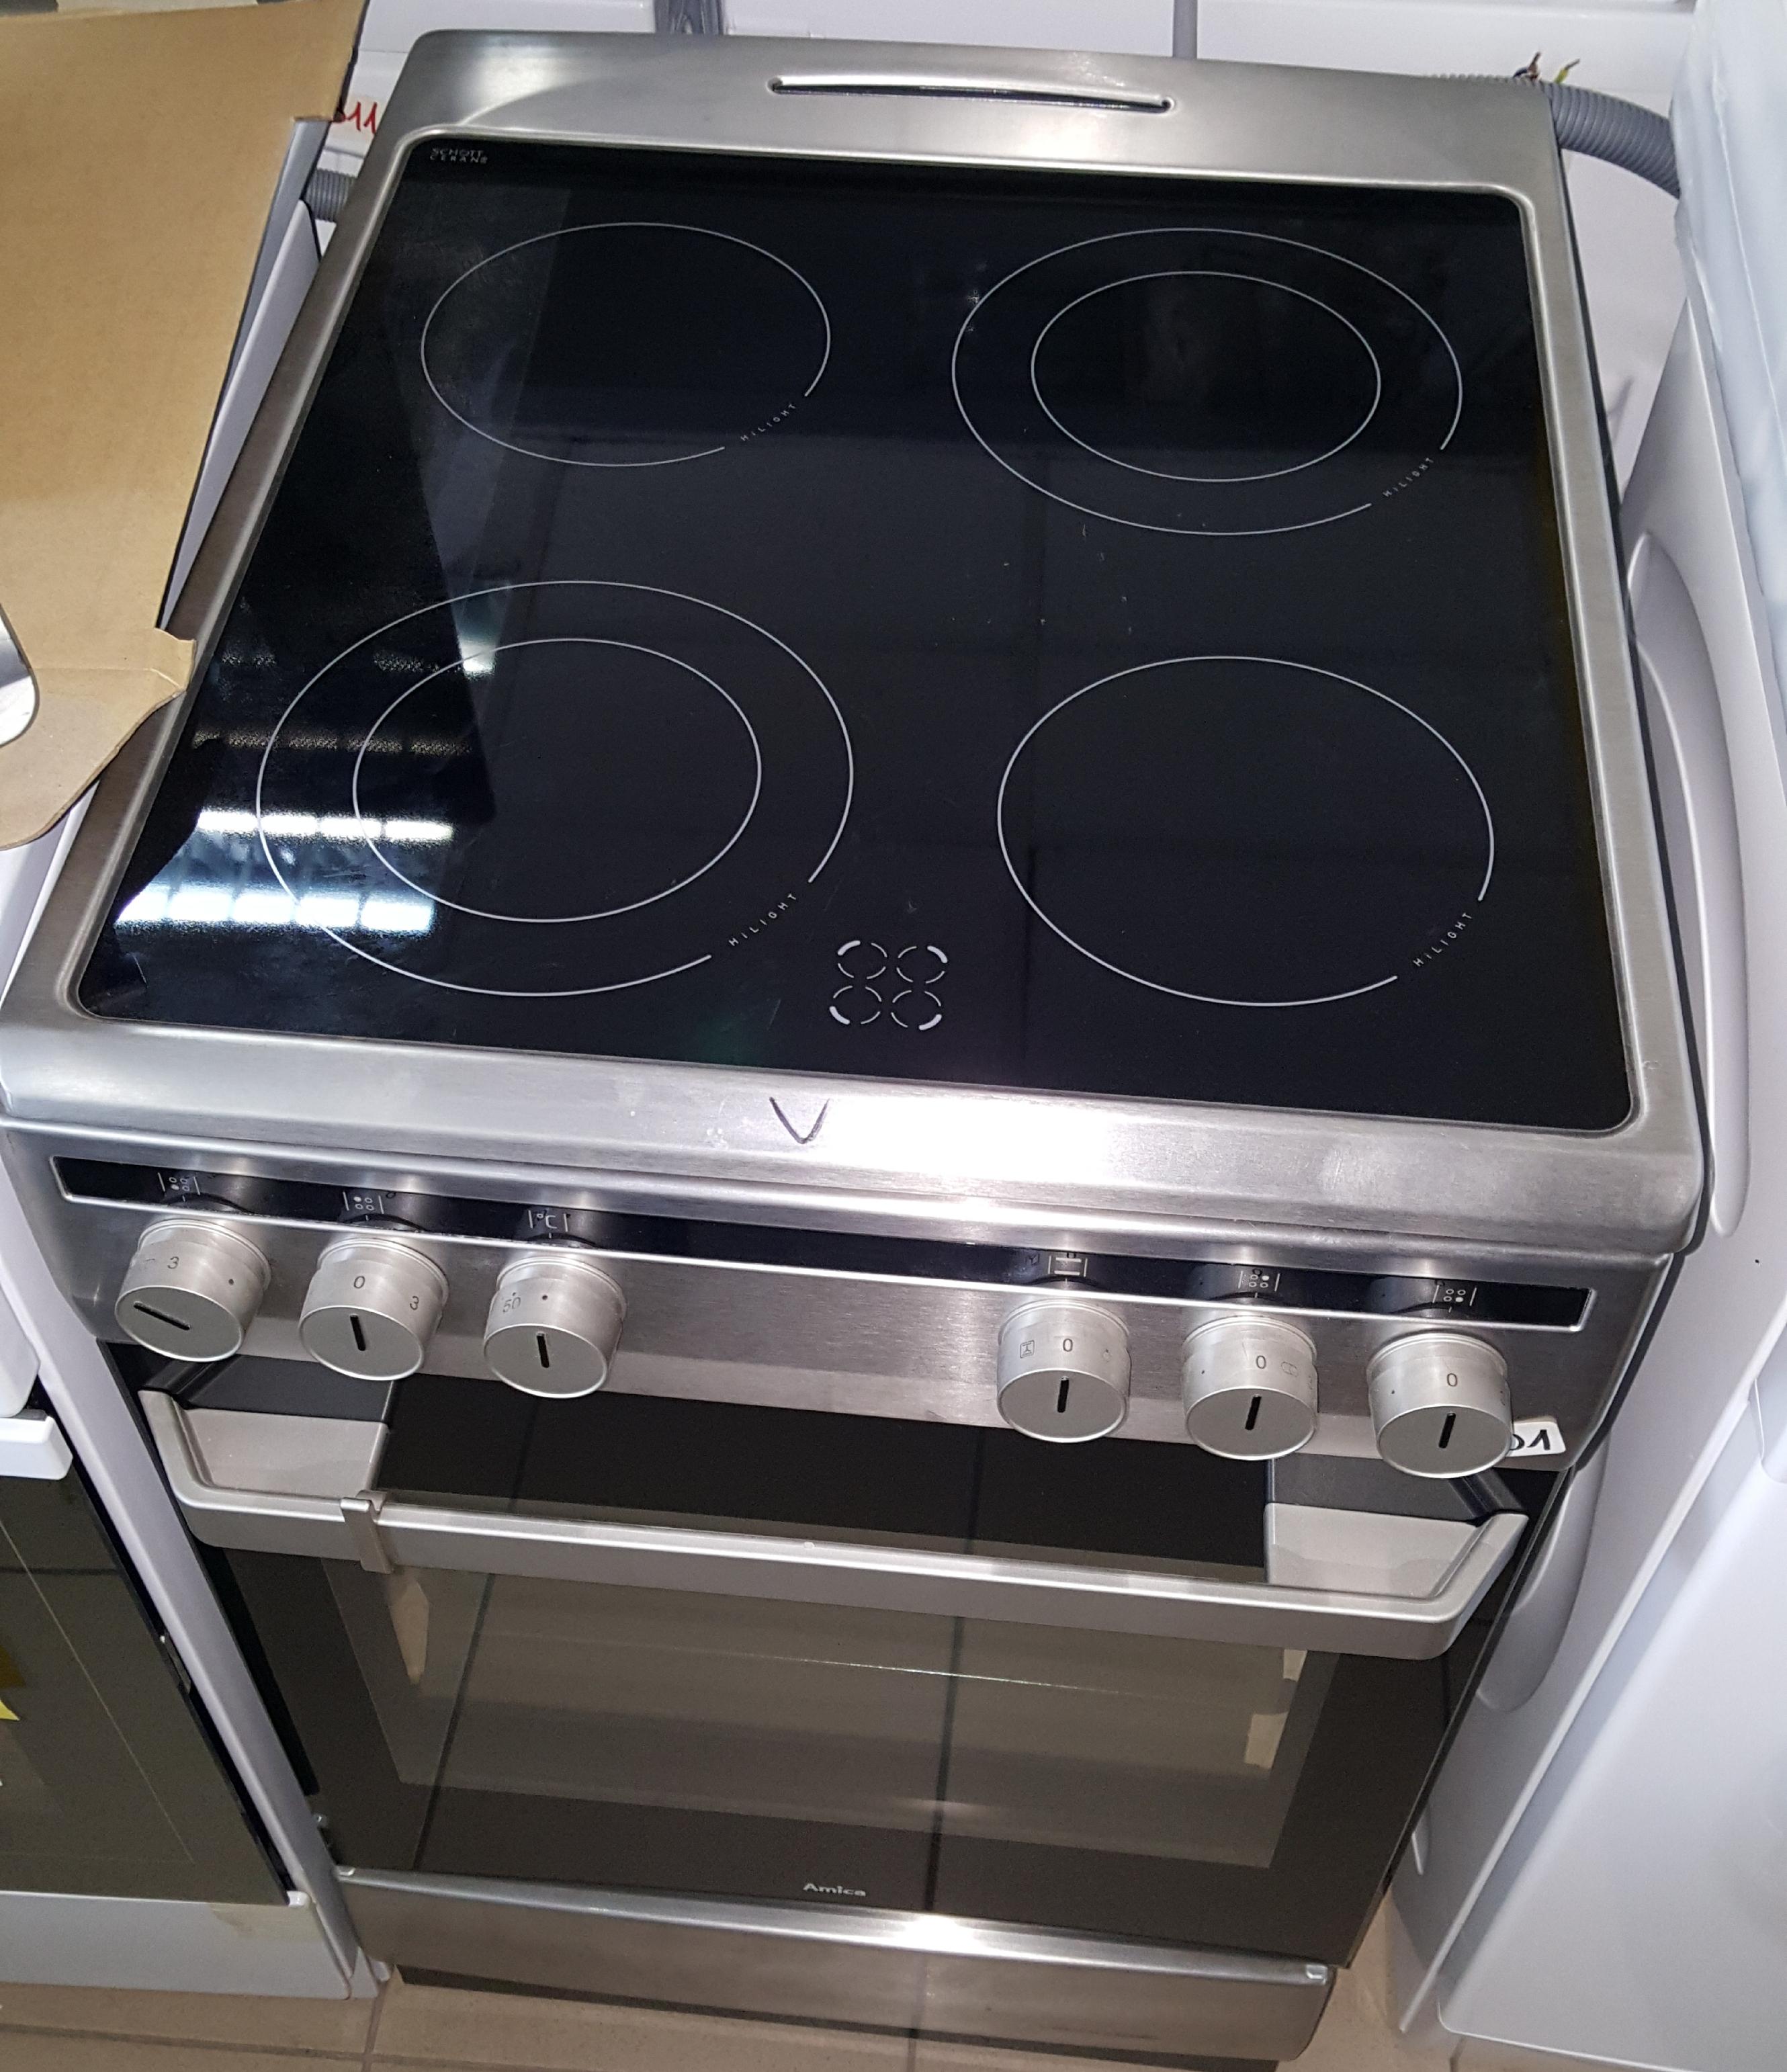 Kuchnia elektryczna z płytą ceramiczną Amica 58CE2 315HQ(XX)  Ekspert Serwis -> Kuchnia Elektryczna Amica Z Plytą Ceramiczną Używana